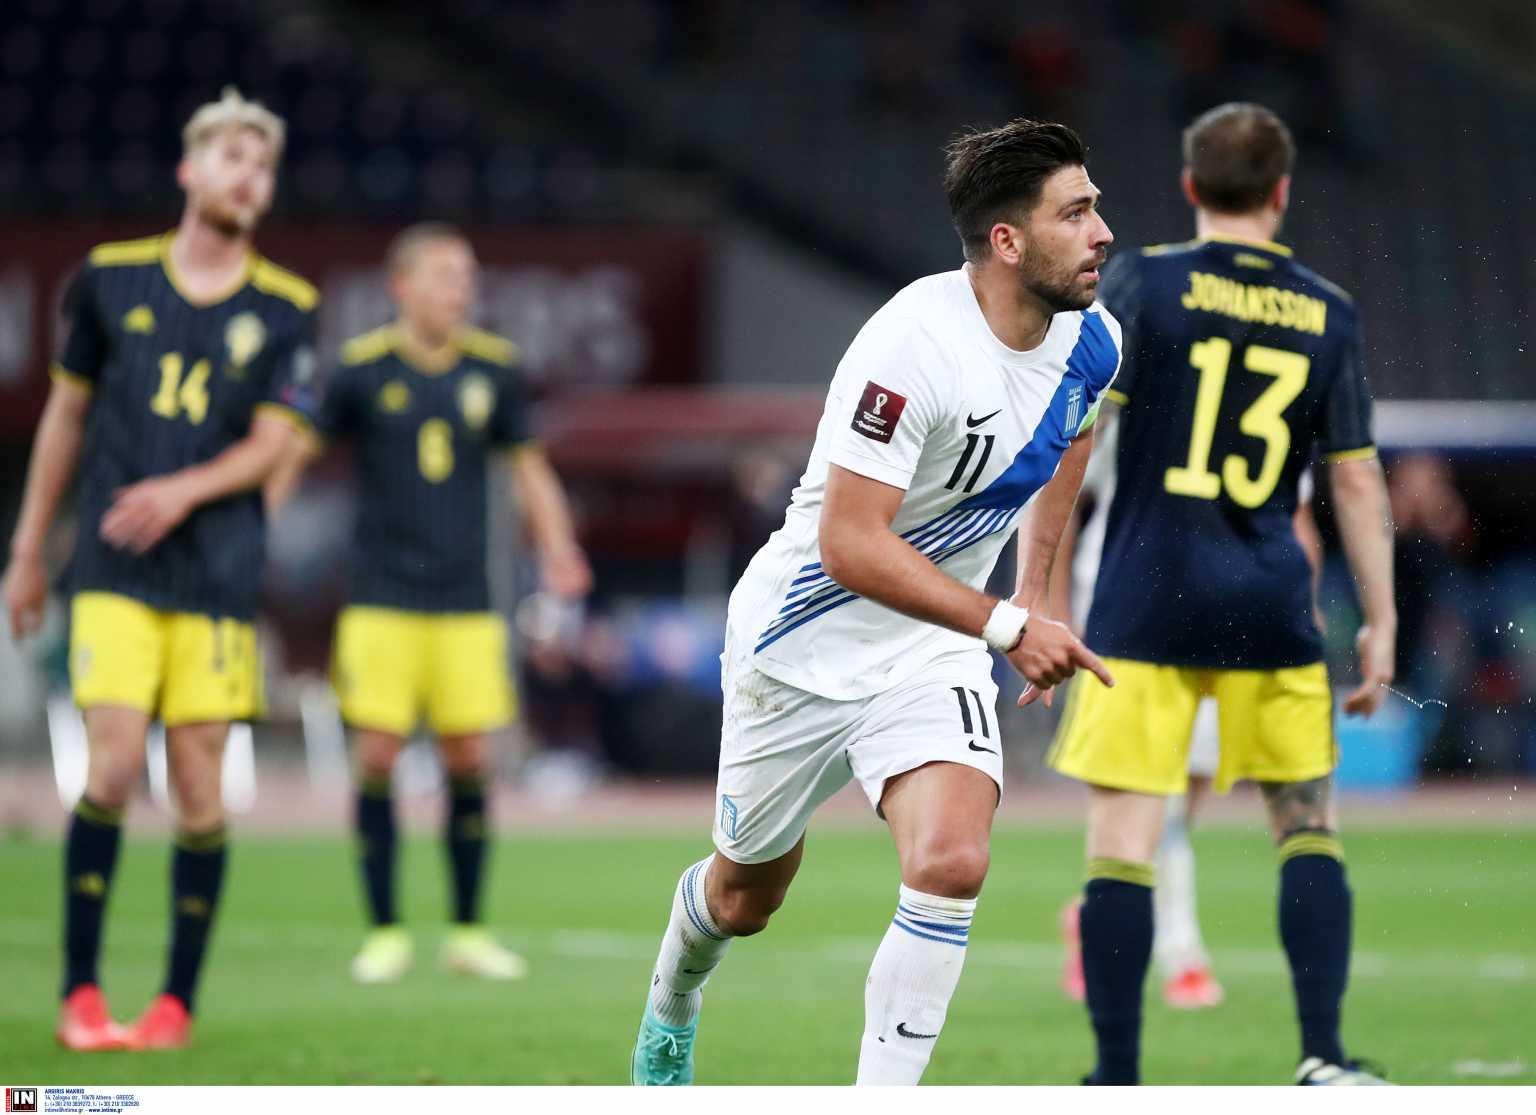 Προκριματικά Μουντιάλ 2022 – Ελλάδα: Sold out ο μεγάλος αγώνας με την Σουηδία